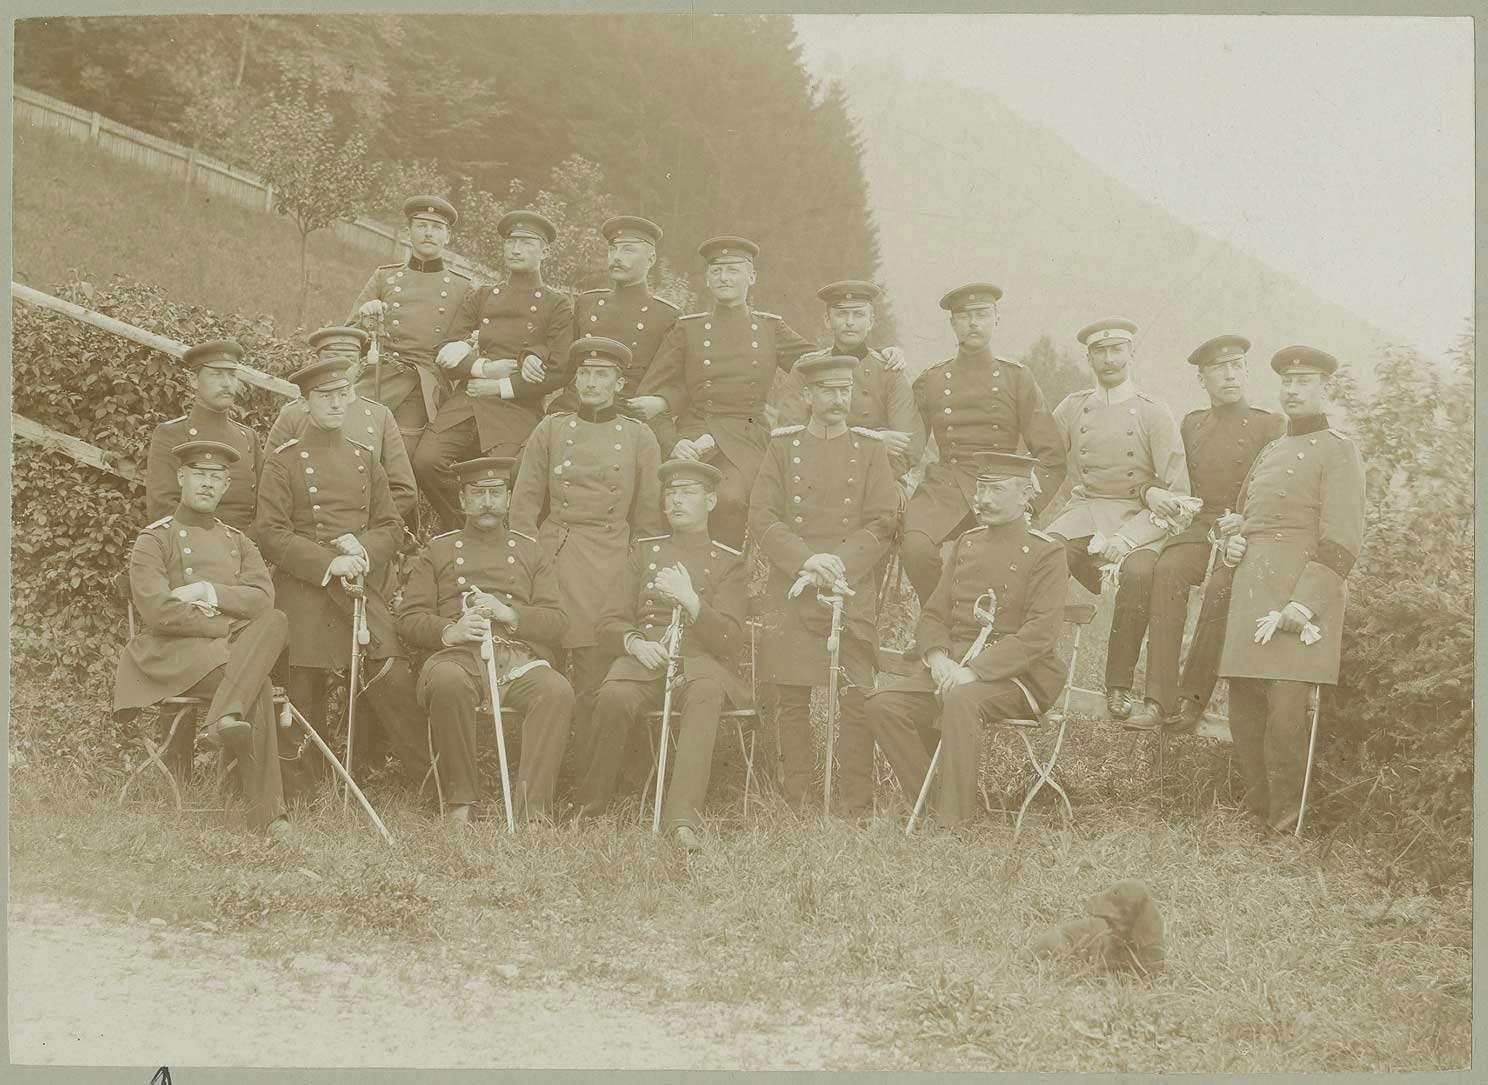 18 Offiziere auf dem Truppenübungsplatz Münsingen, teils stehend, teils sitzend in Uniform, Mützen und Säbeln, Bild 1